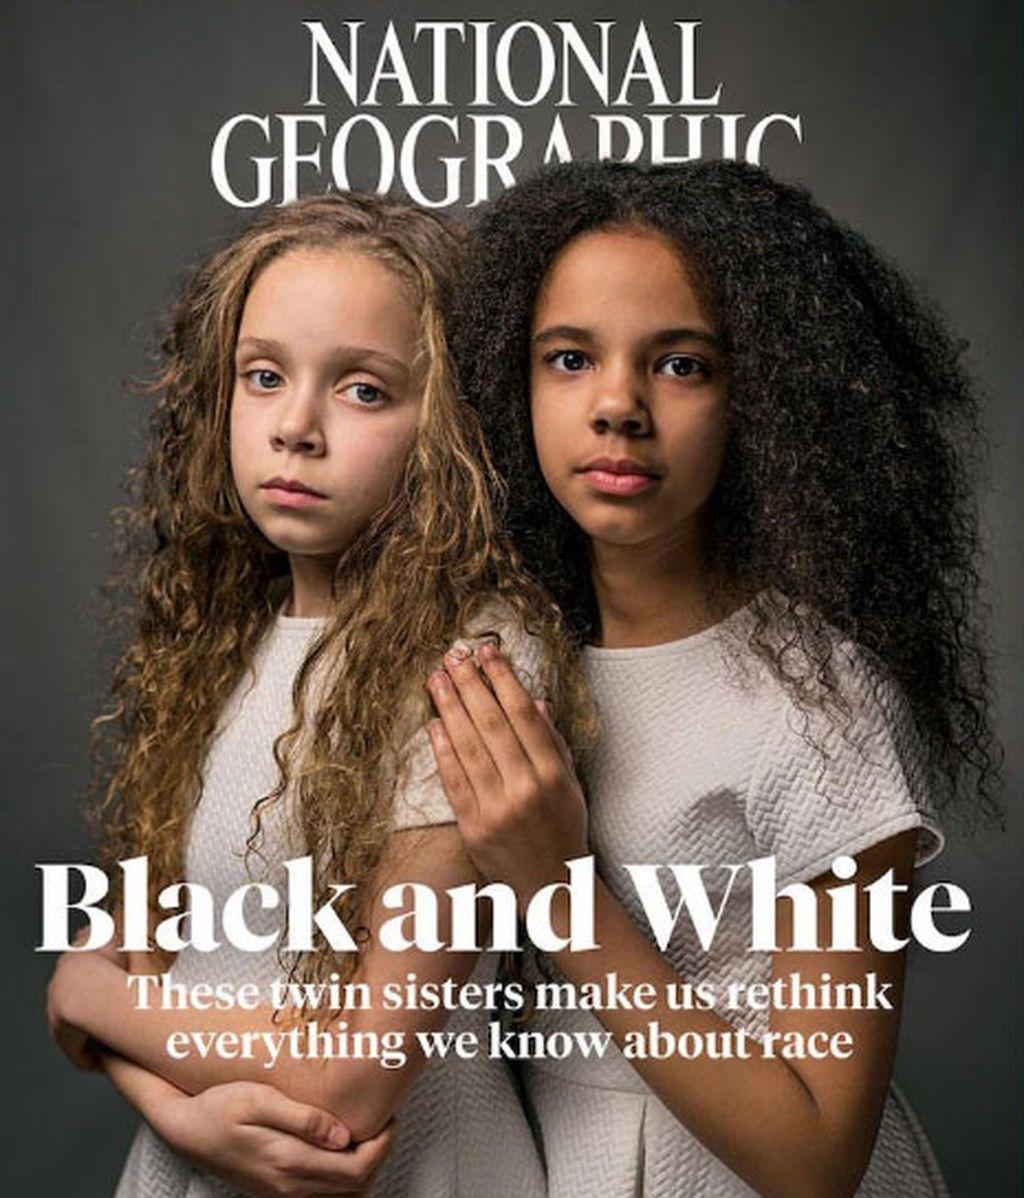 Marcia y Millie, las gemelas de distinto color  a las que nadie cree que son hermanas